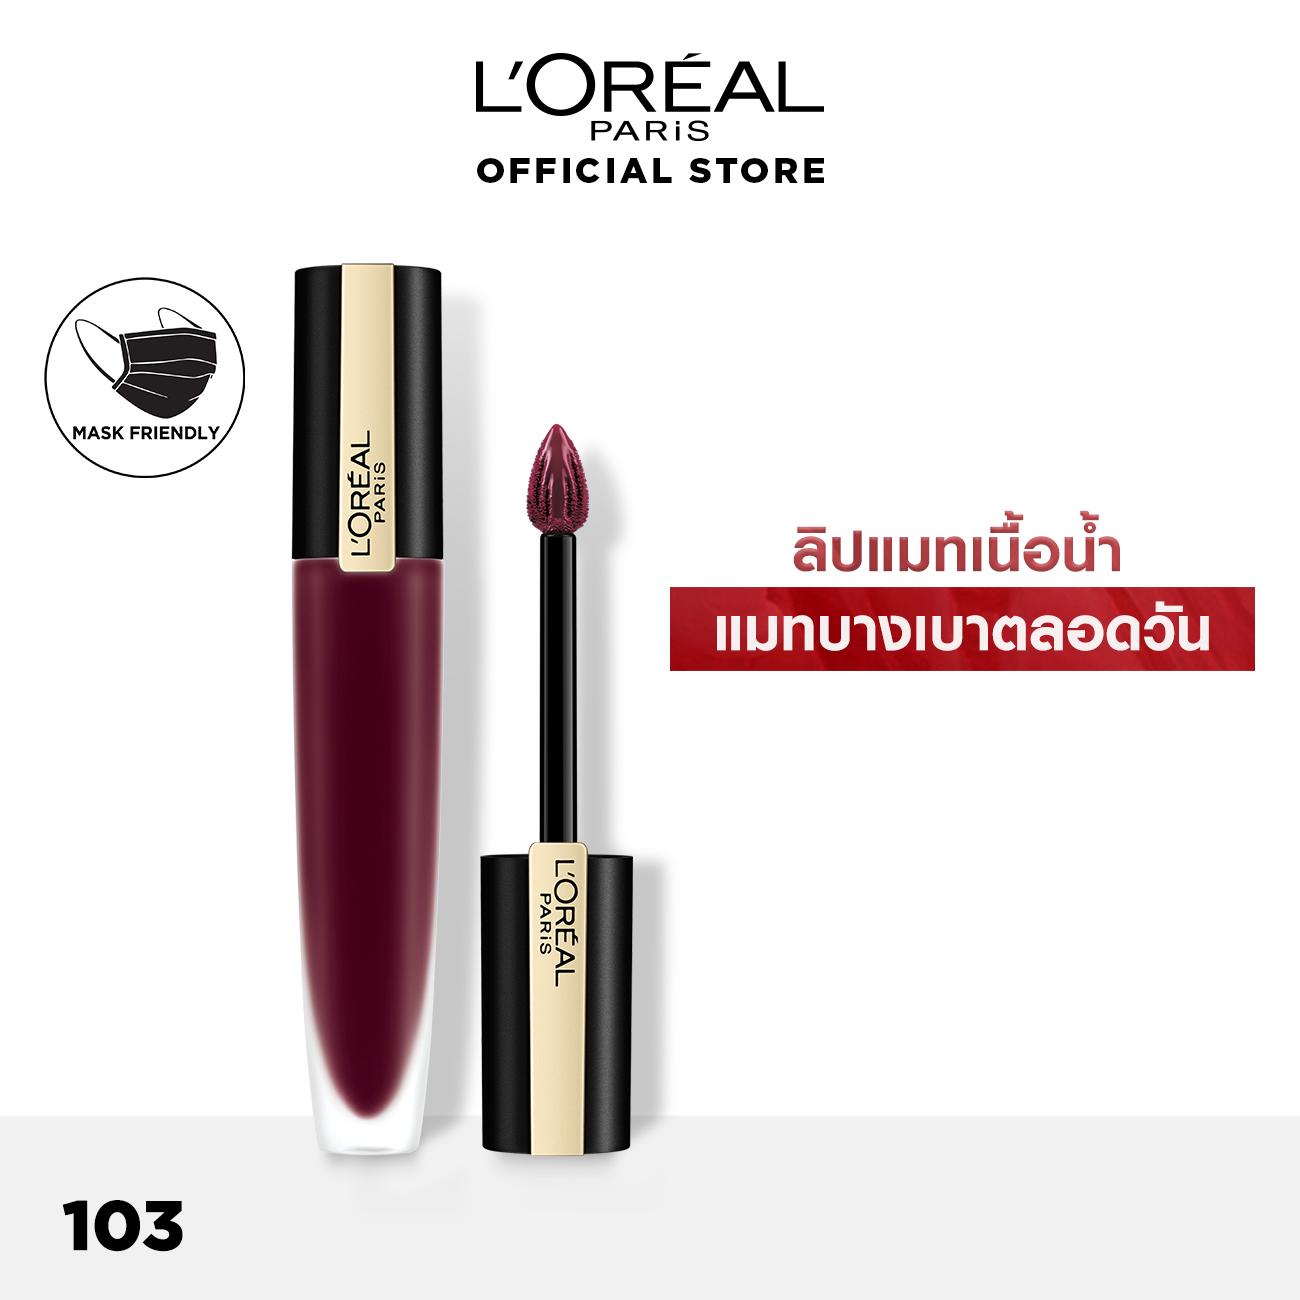 [ลิปแมท ขายดี] ลอรีอัล ปารีส รูจ ซิกเนเจอร์ Loreal Paris Rouge Signature (เครื่องสำอาง, Lipstick, ลิปสติก, ลิป, ลิปลอรีอัล).